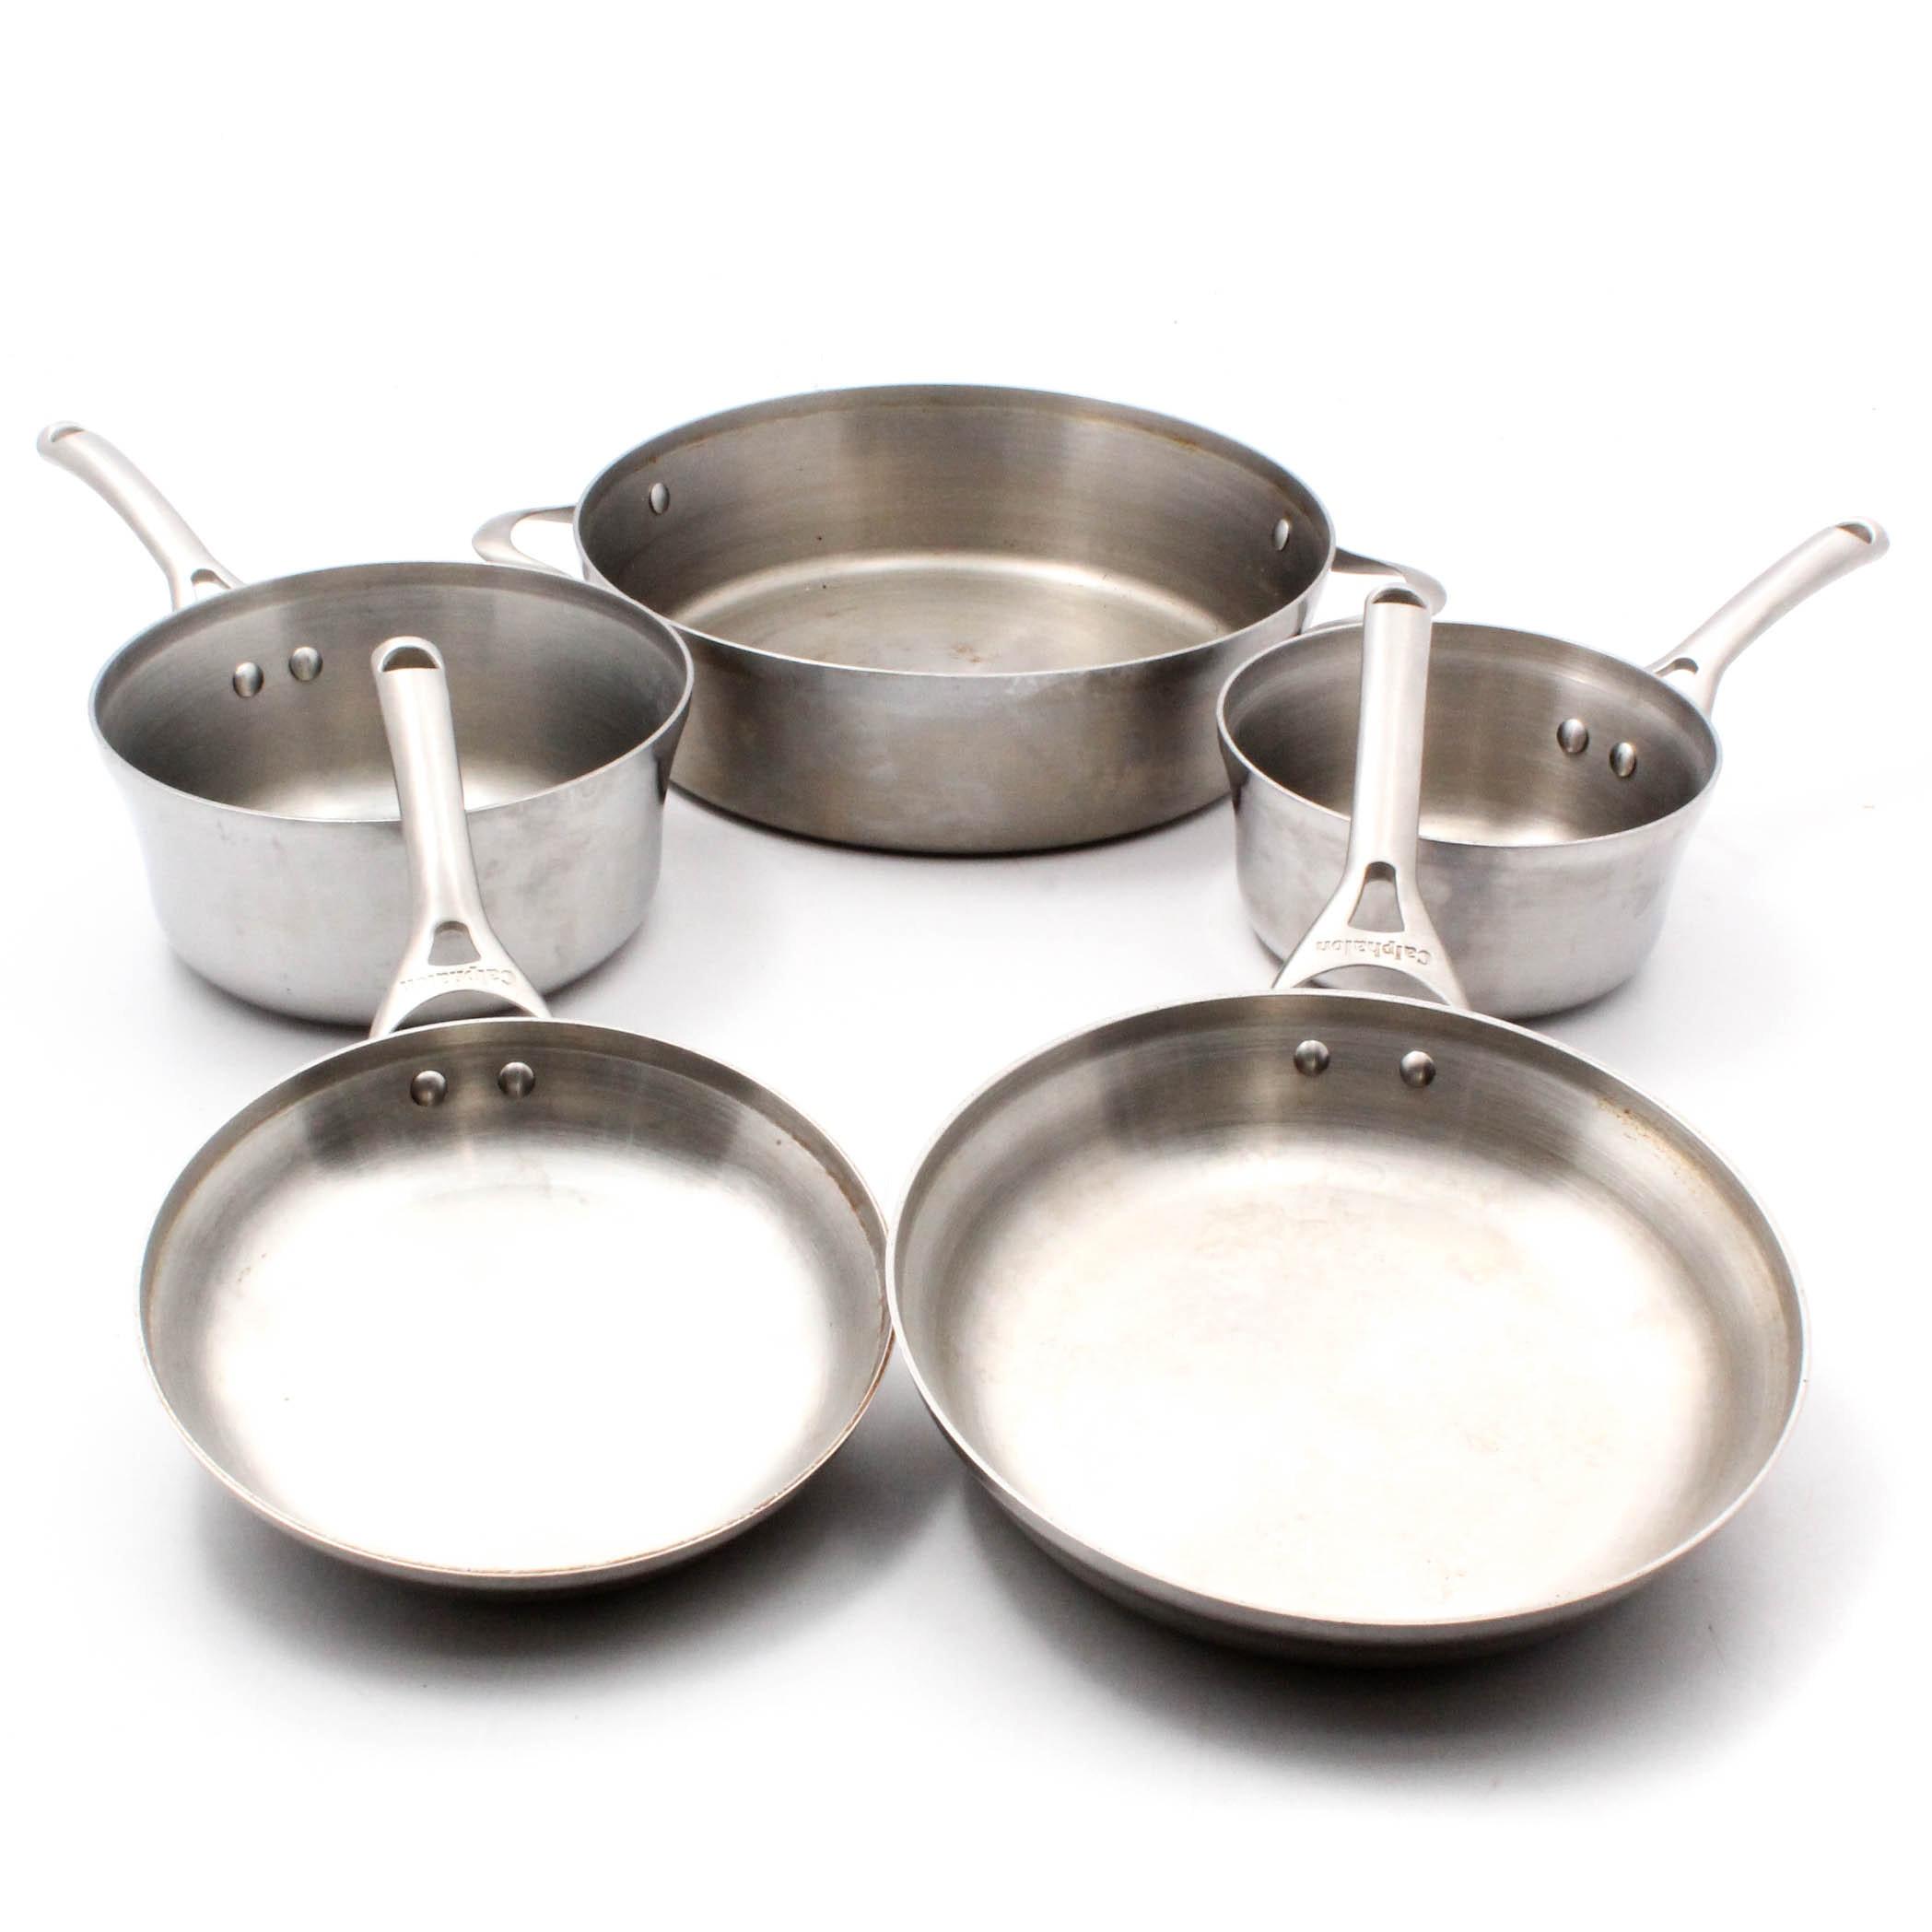 Calphalon Cookware Set